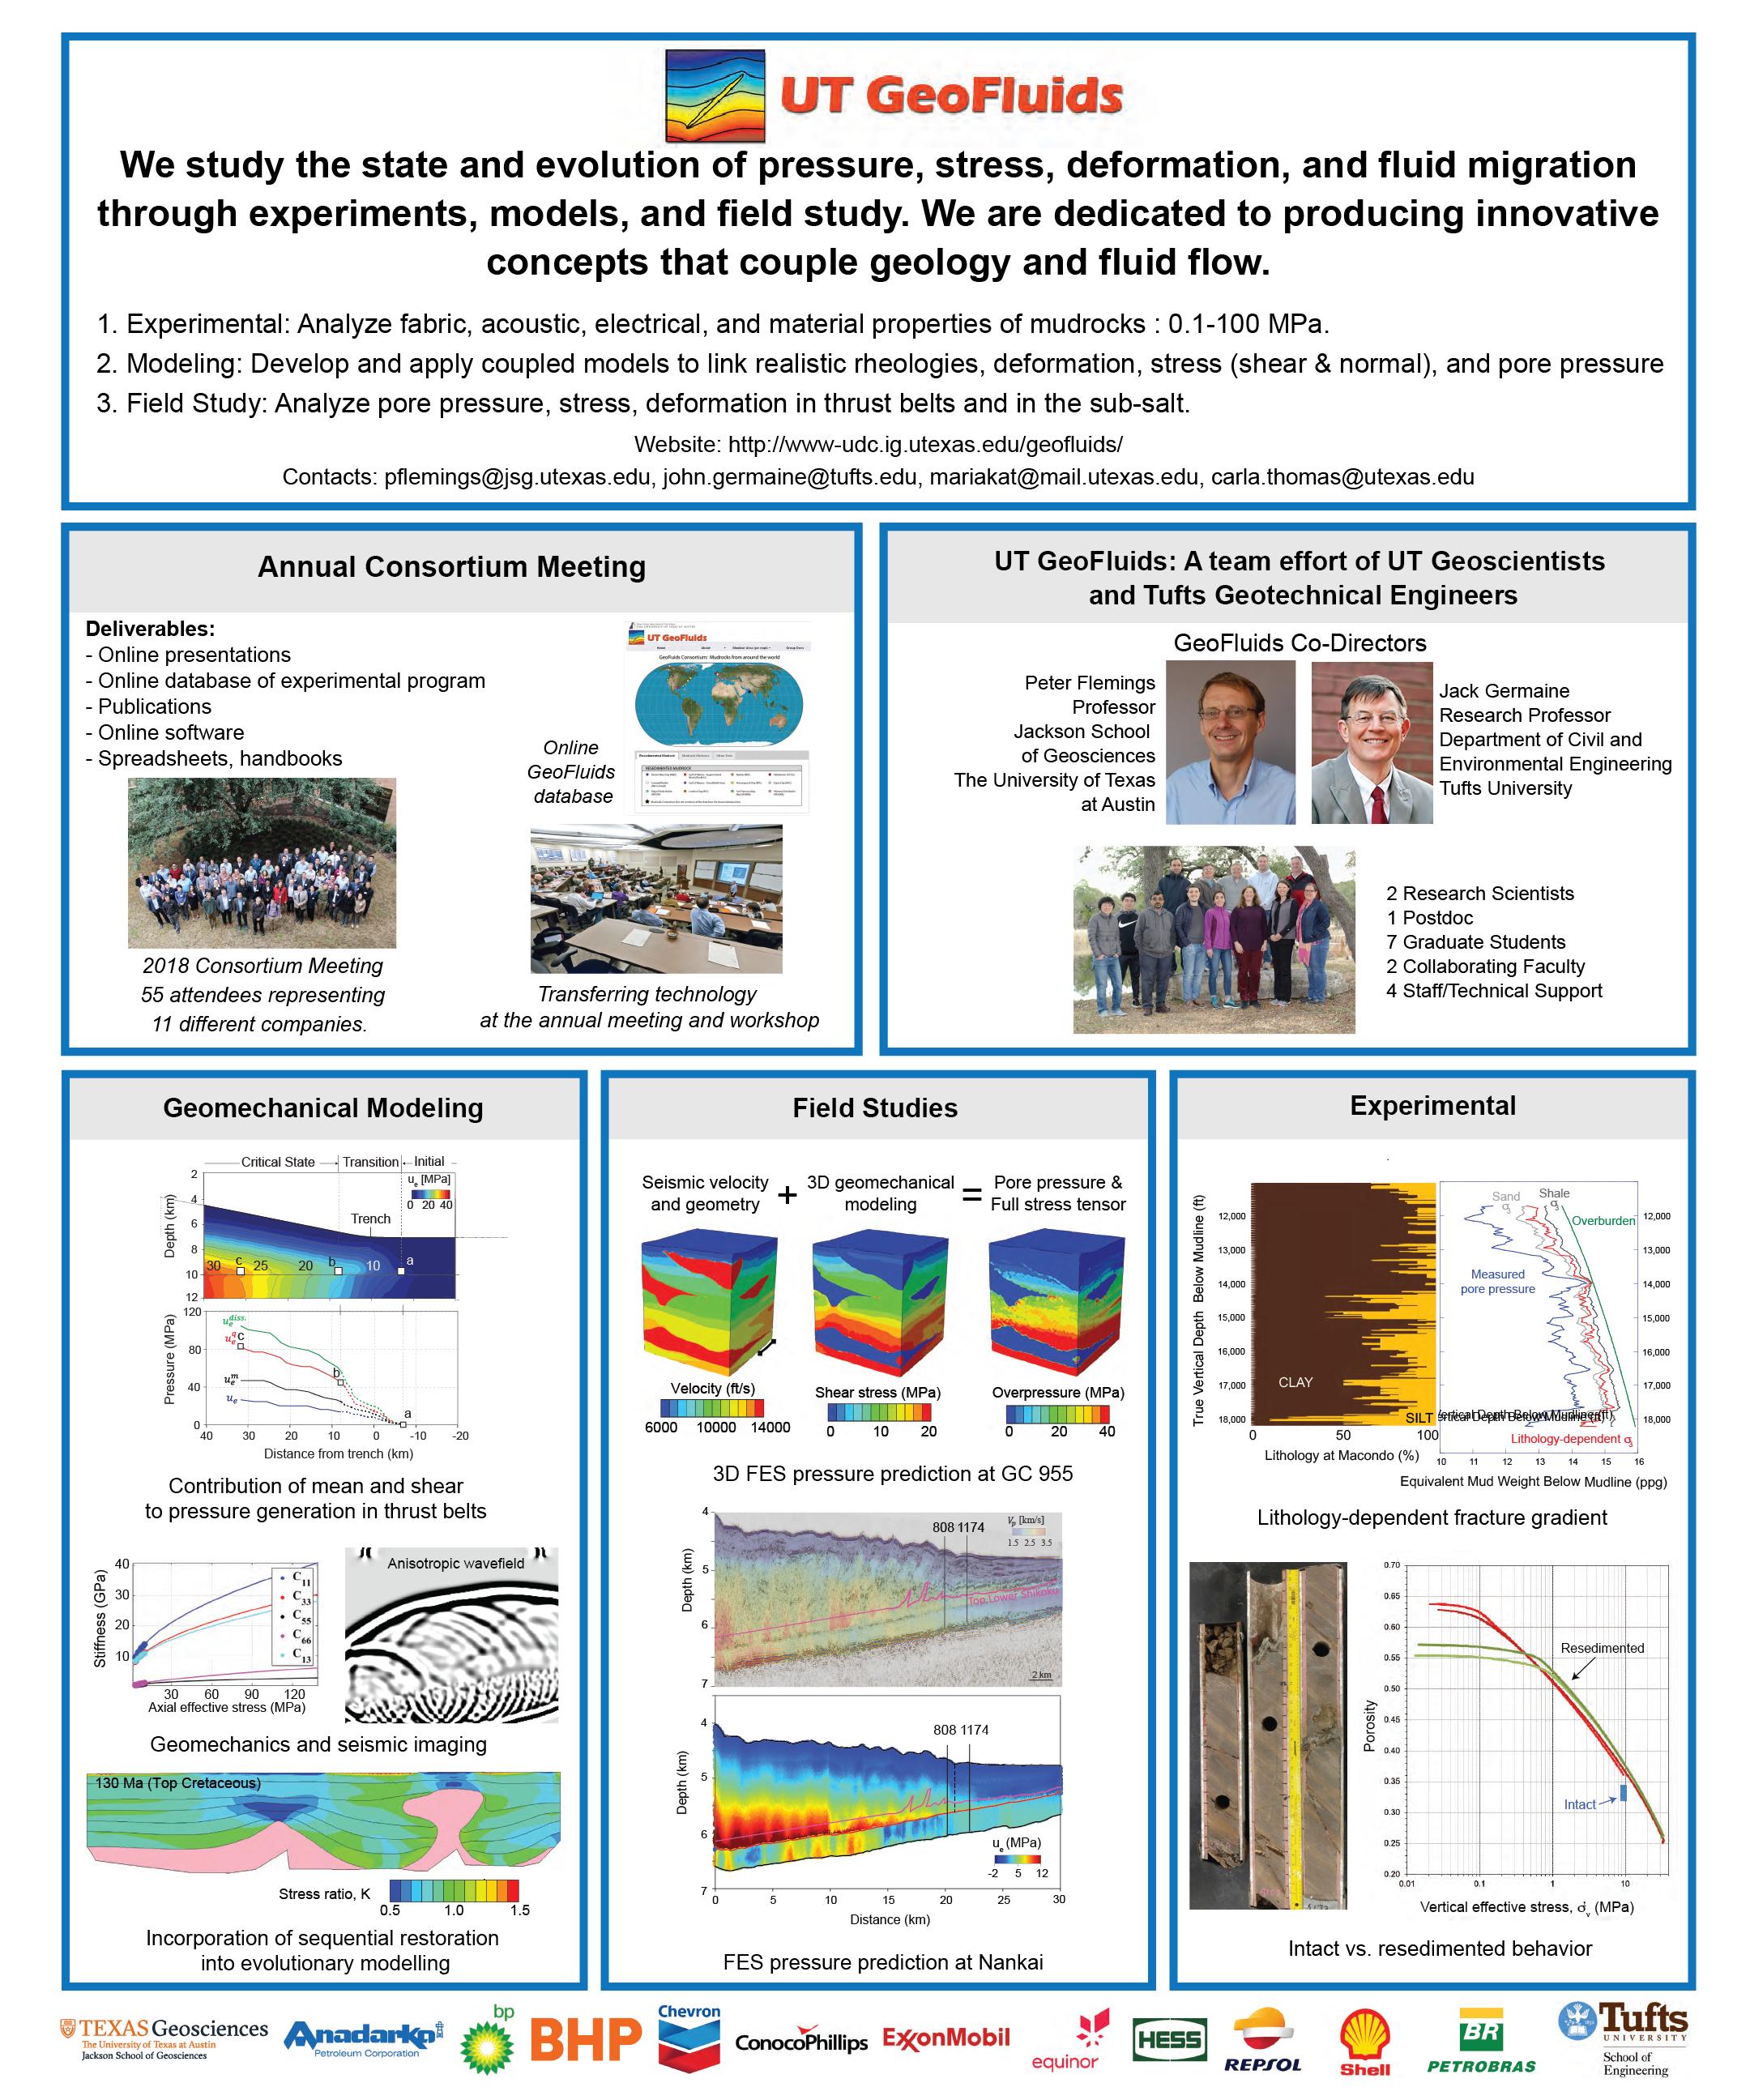 UT GeoFluids The Consortium